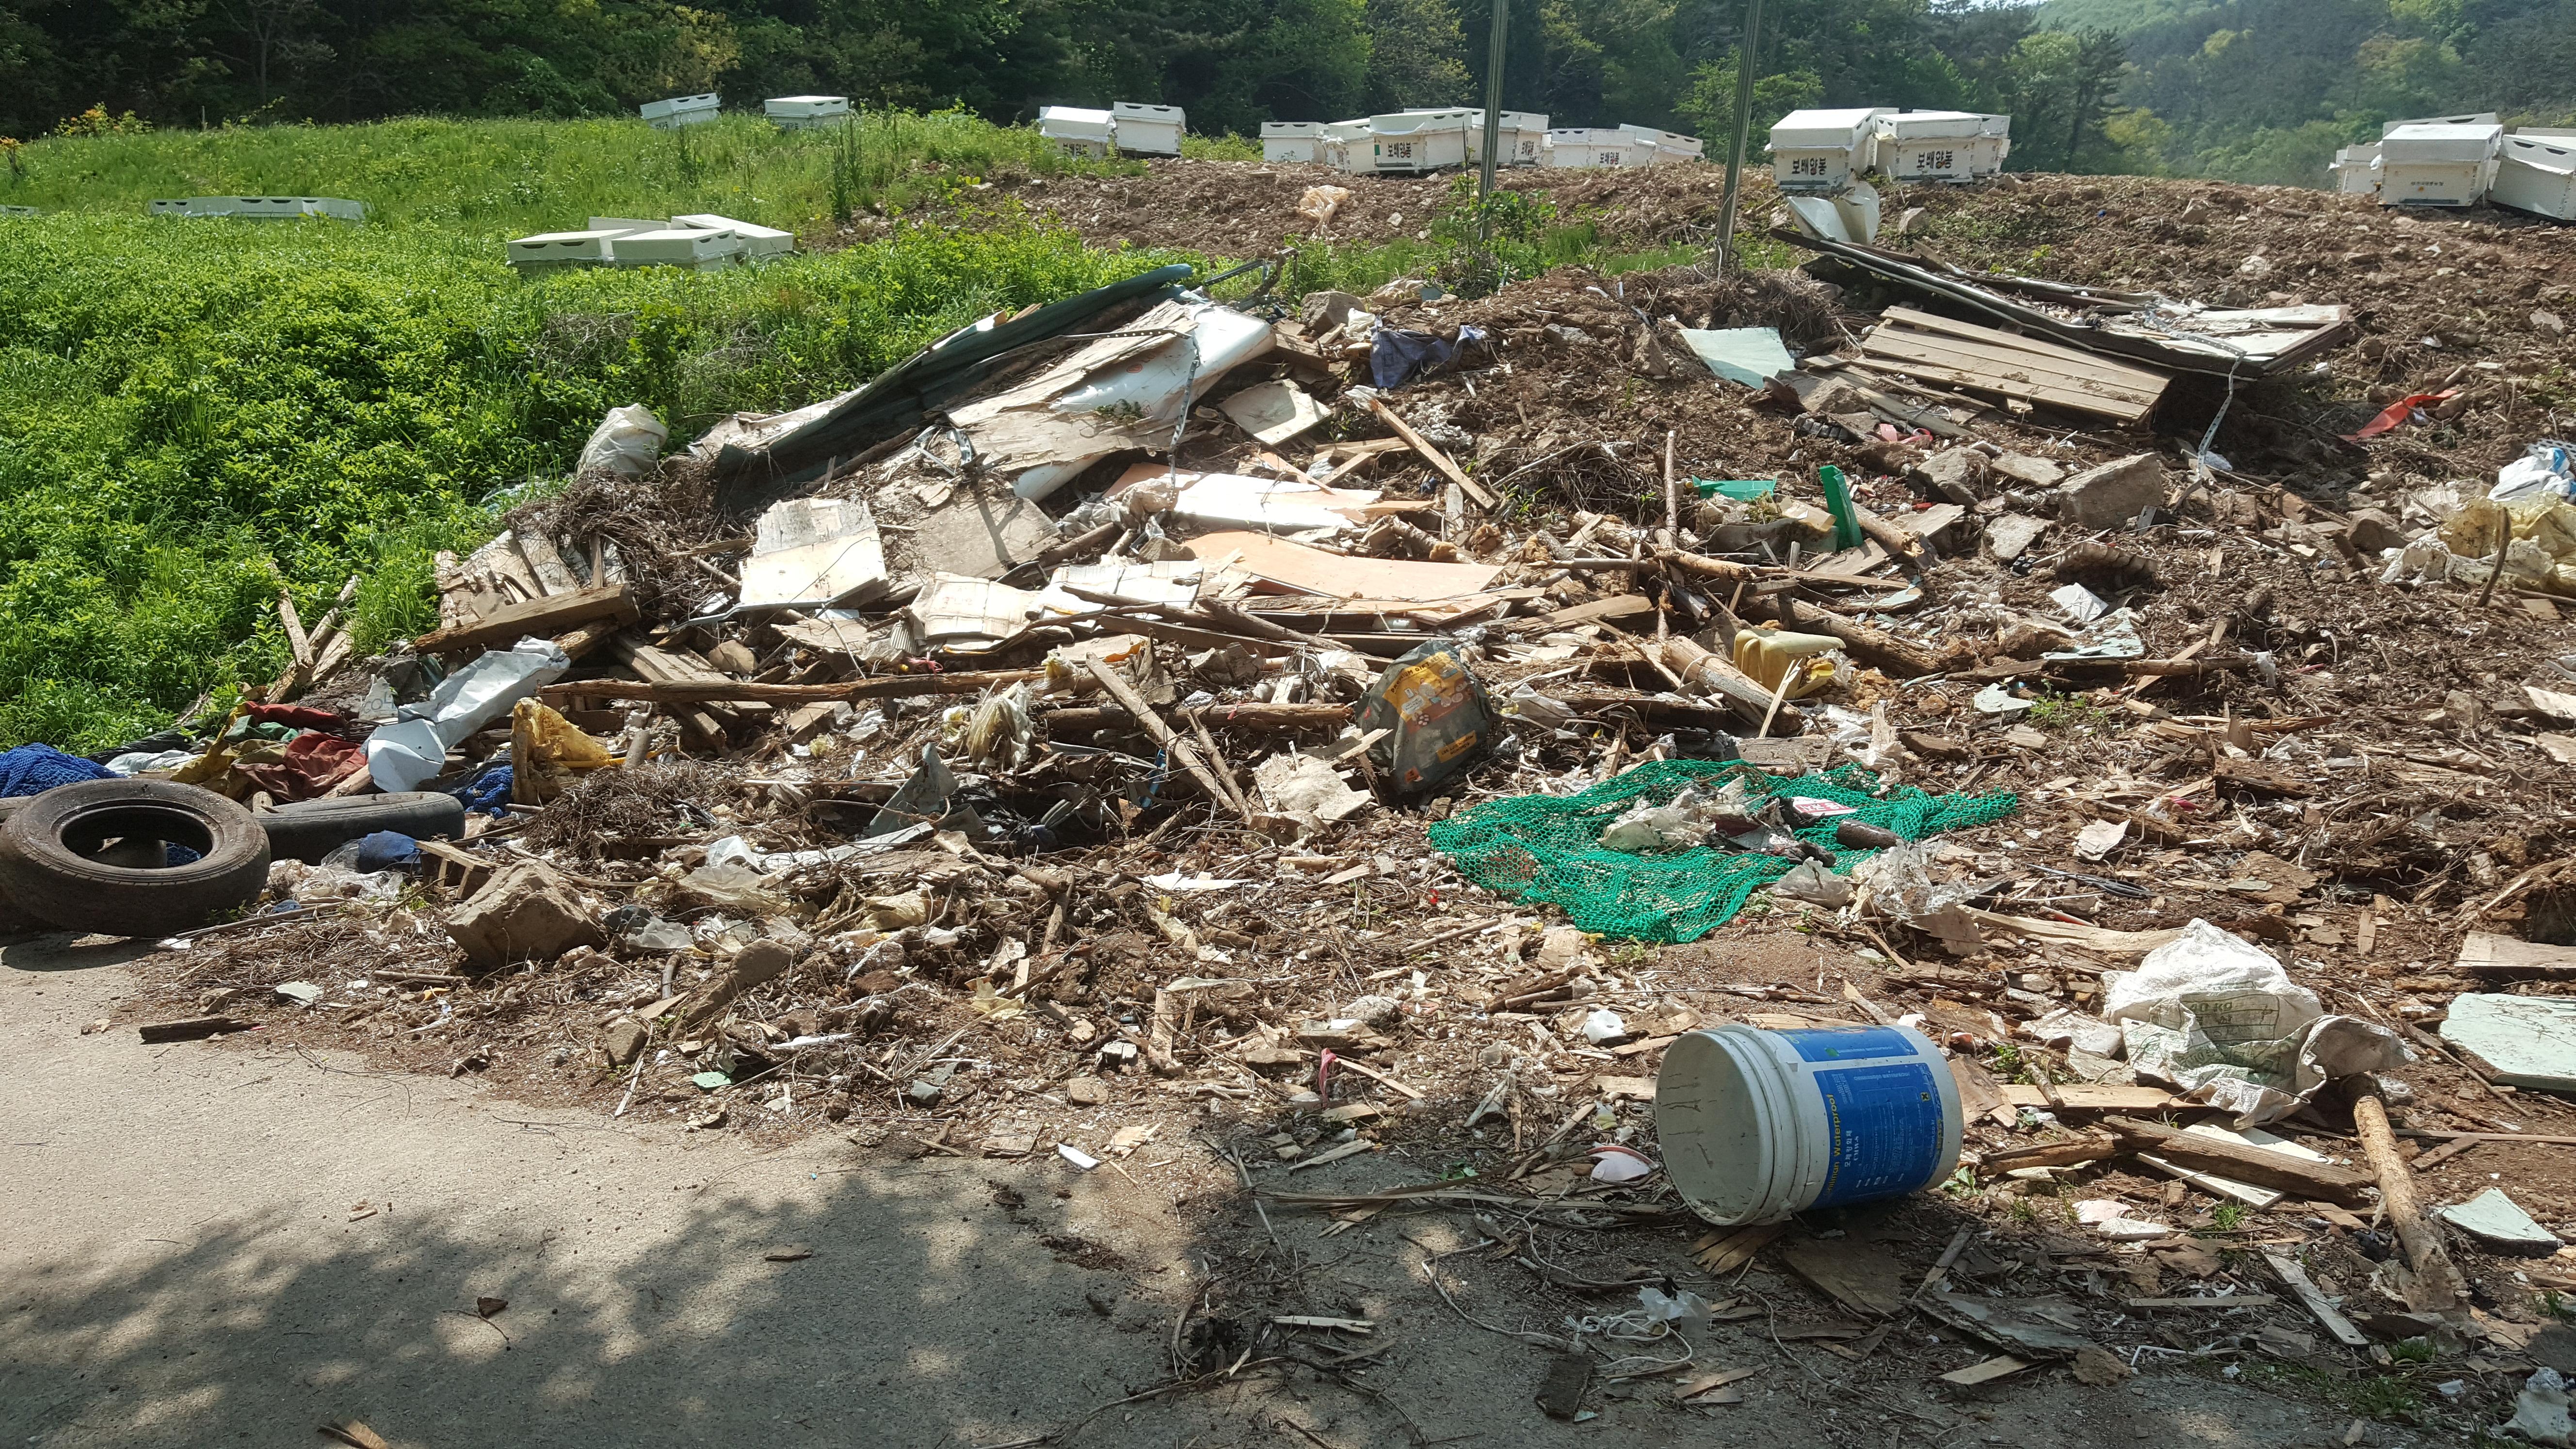 분리배출 안된 재활용 쓰레기